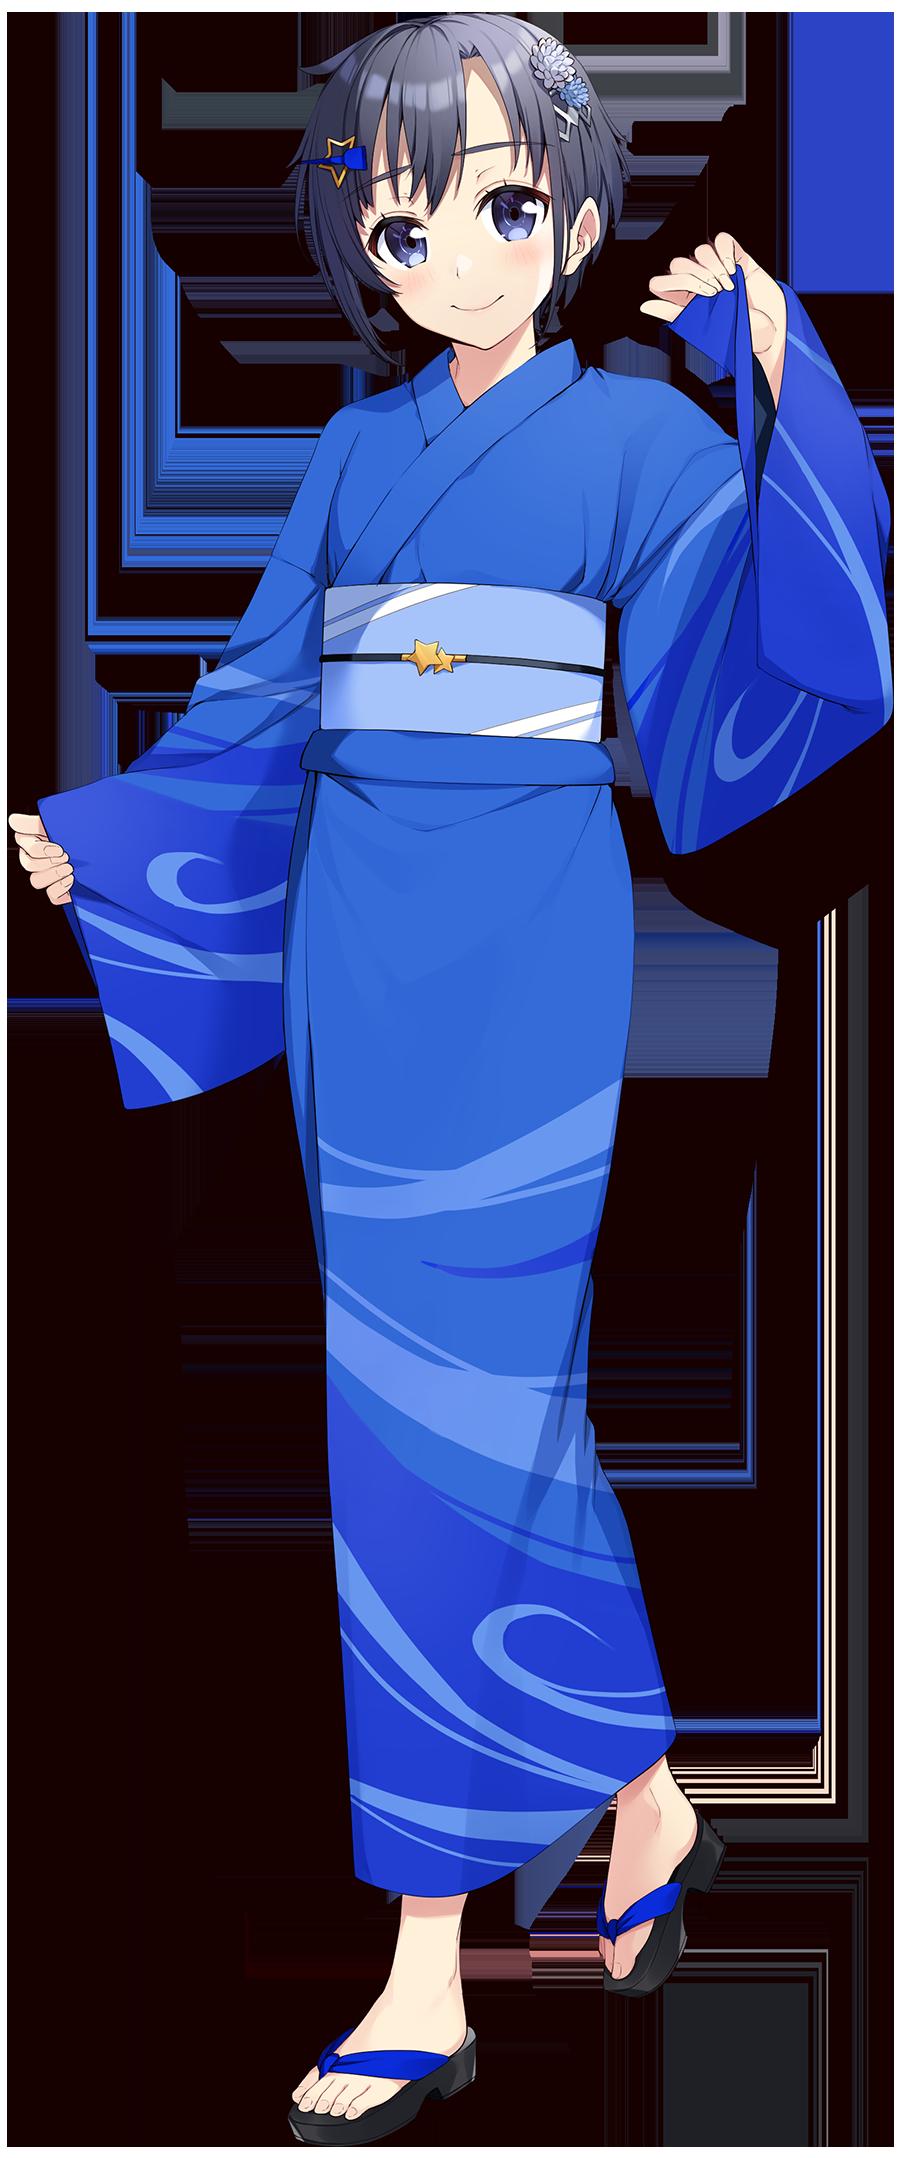 矢野さき キャラクター画像